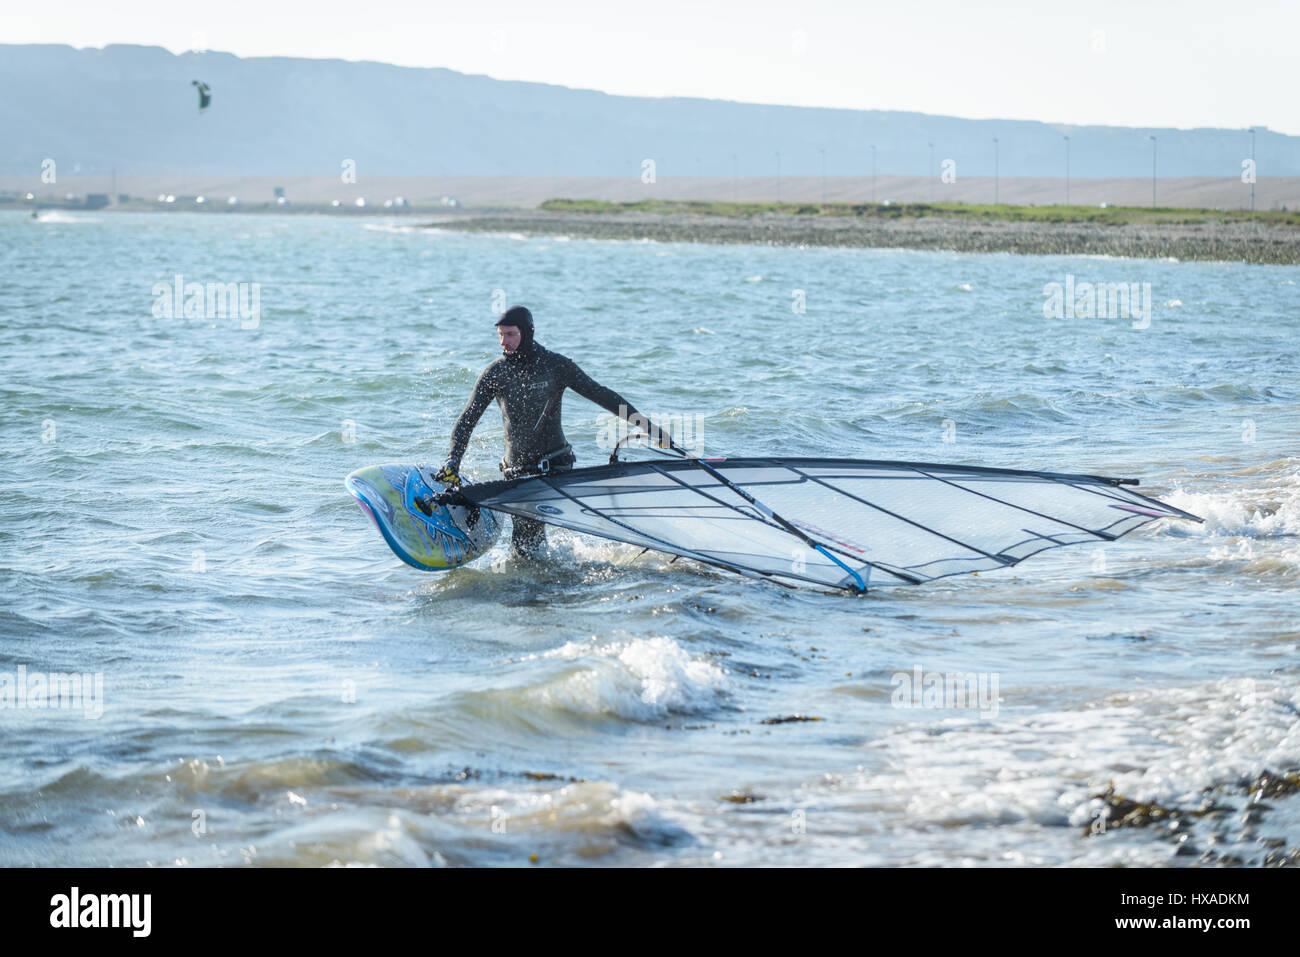 Puerto de Portland, en Dorset, Reino Unido. 26 de marzo de 2017. Un hombre prepara su wind surf board en un día Imagen De Stock